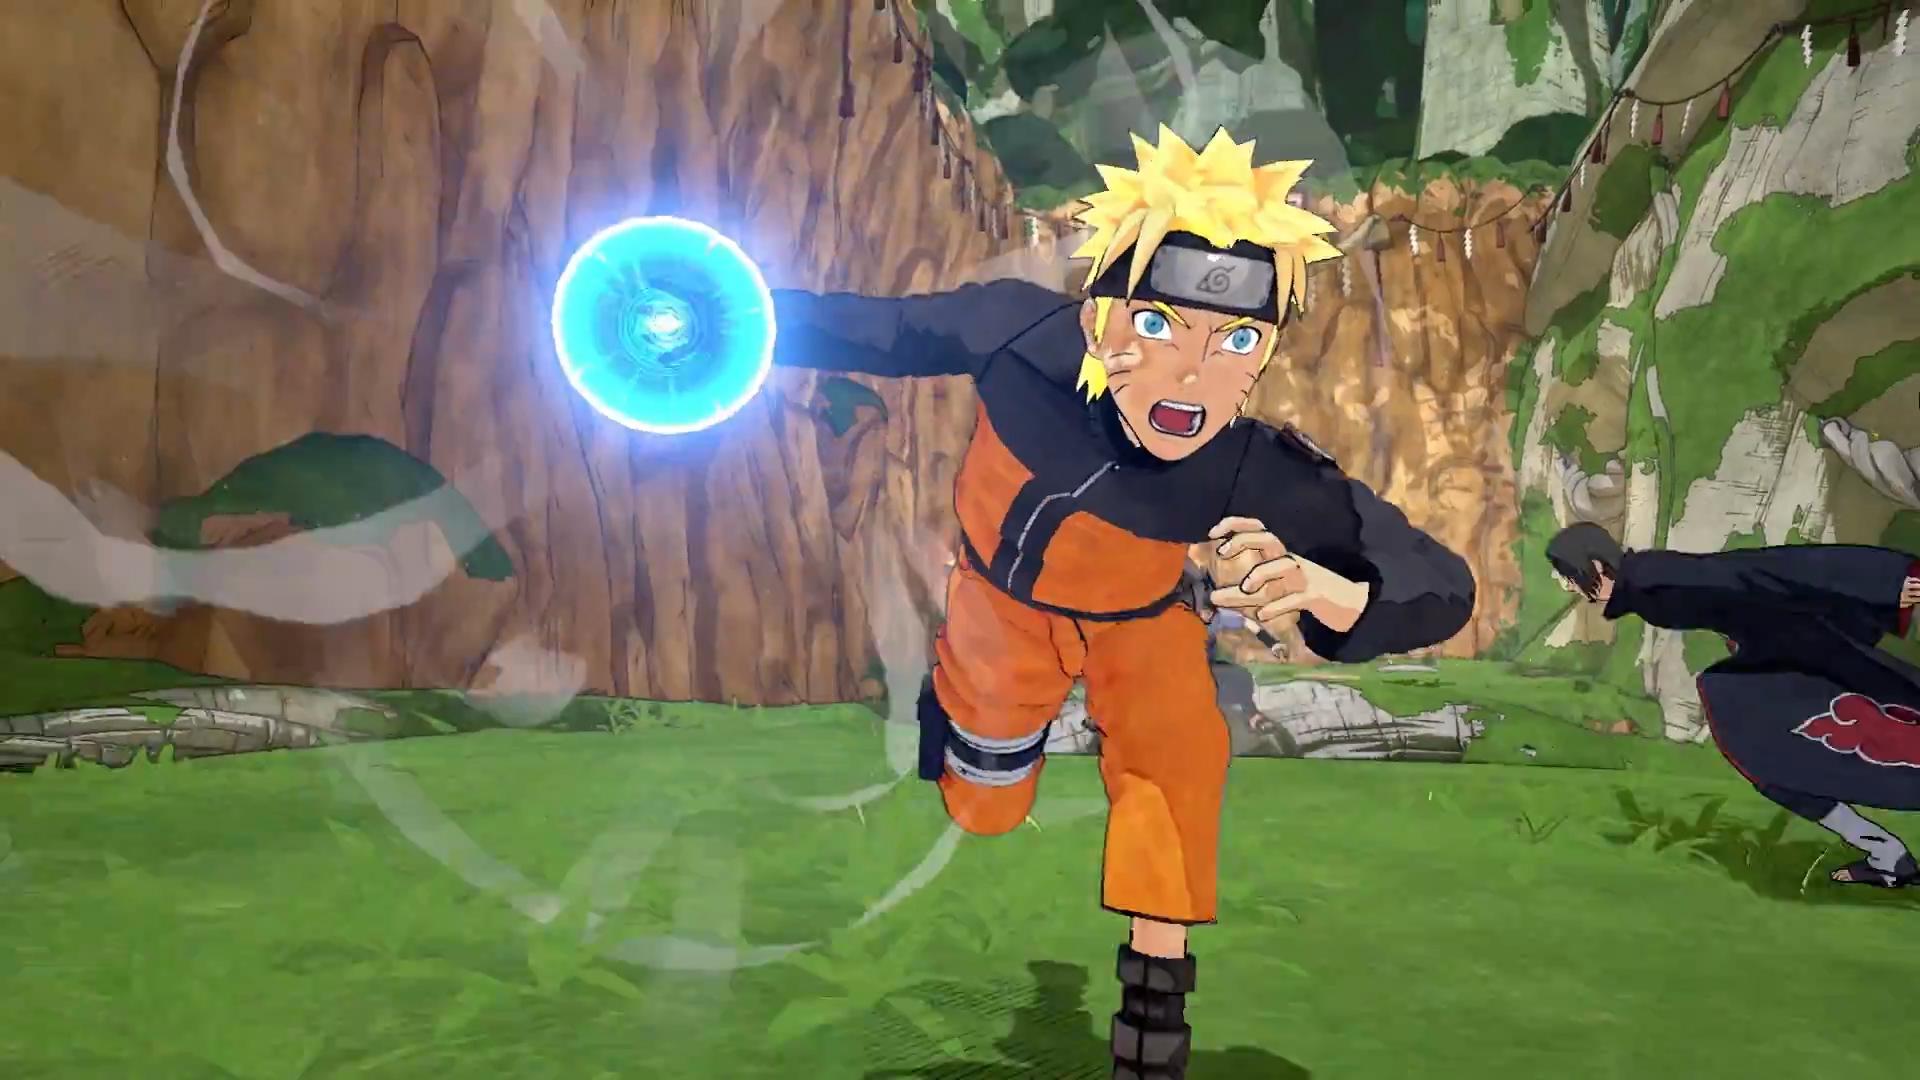 Naruto to Boruto: Shinobi Striker Gets a New Trailer and